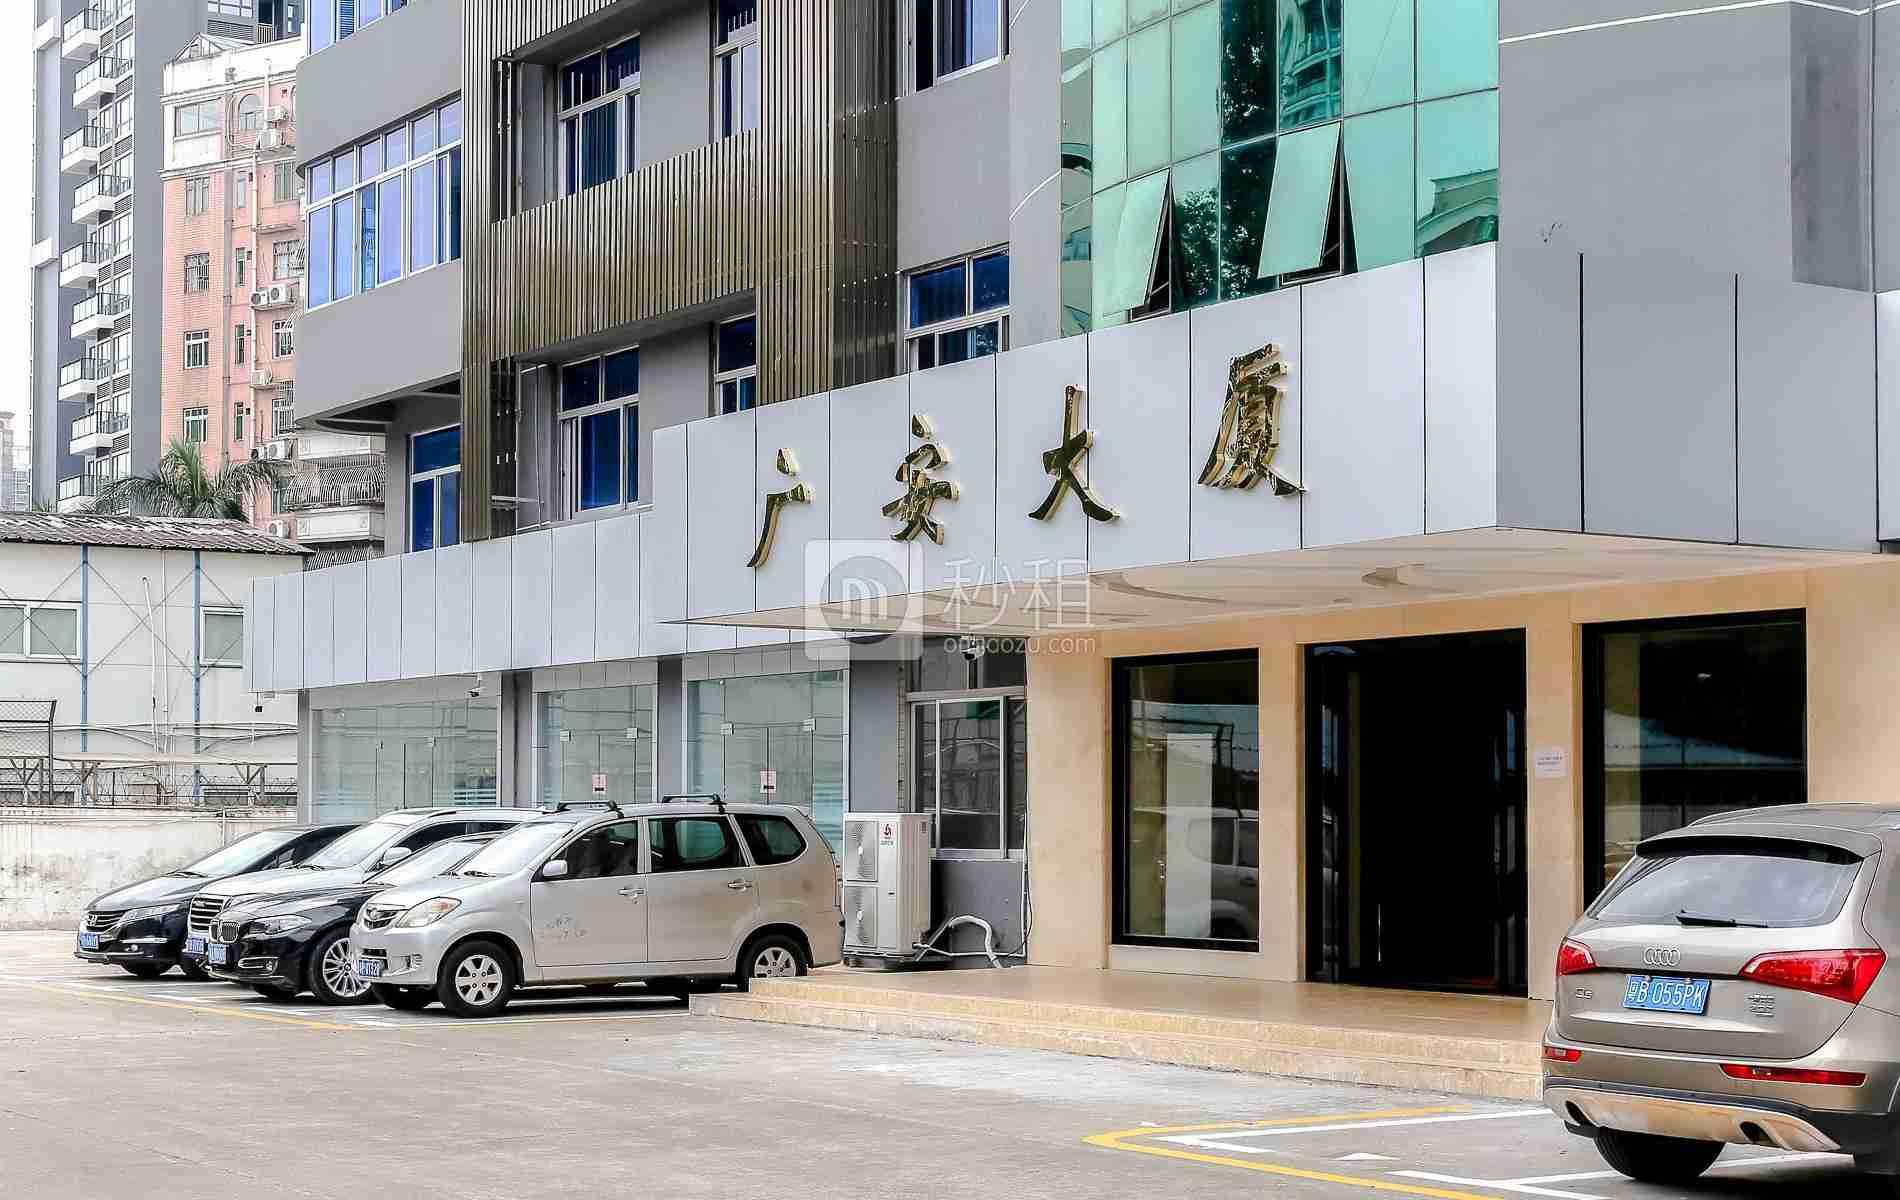 广安大厦写字楼出租/招租/租赁,广安大厦办公室出租/招租/租赁